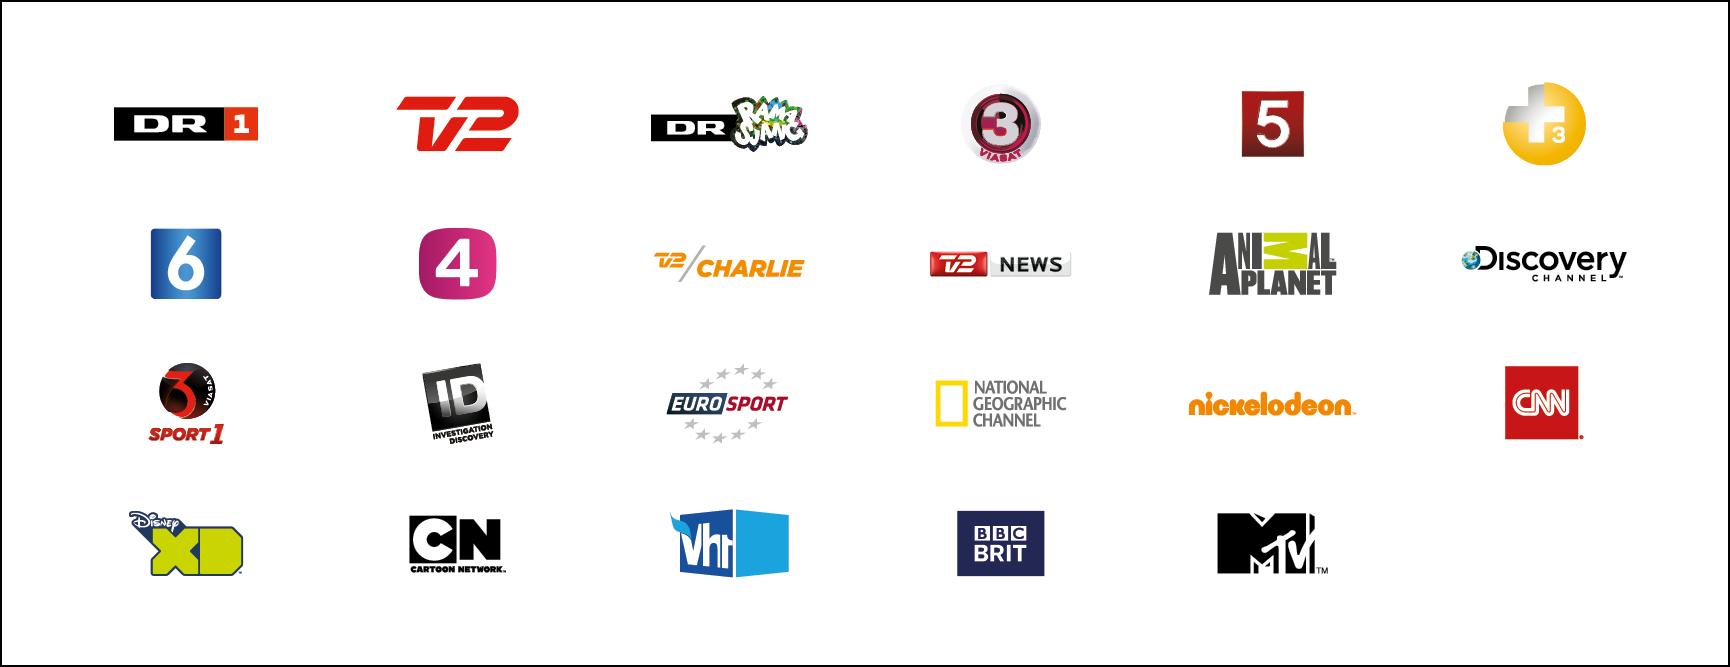 YouSee slukker for de analoge tv-kanaler den 9. februar 2016 – Boligselskabet Stjernen Frederiksberg